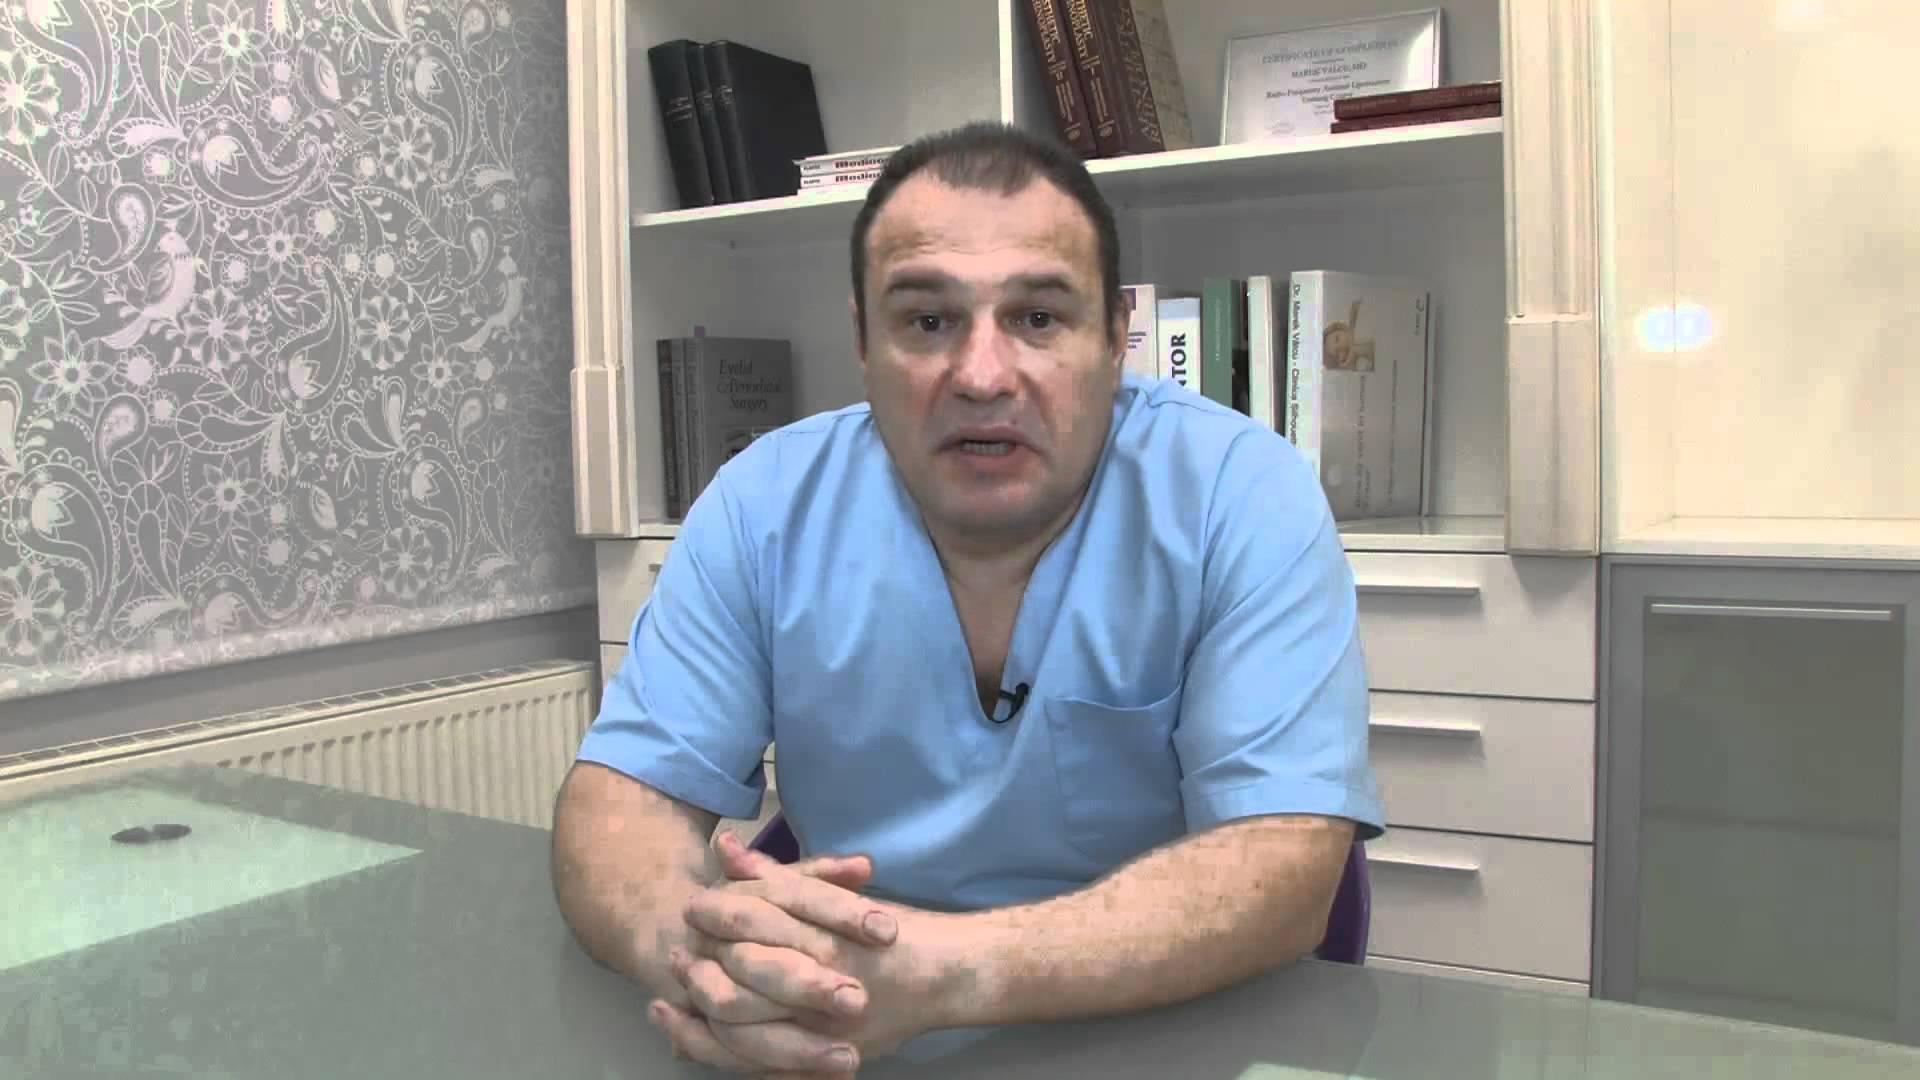 Marek Valcu a denuntat-o pe Oana pentru santaj